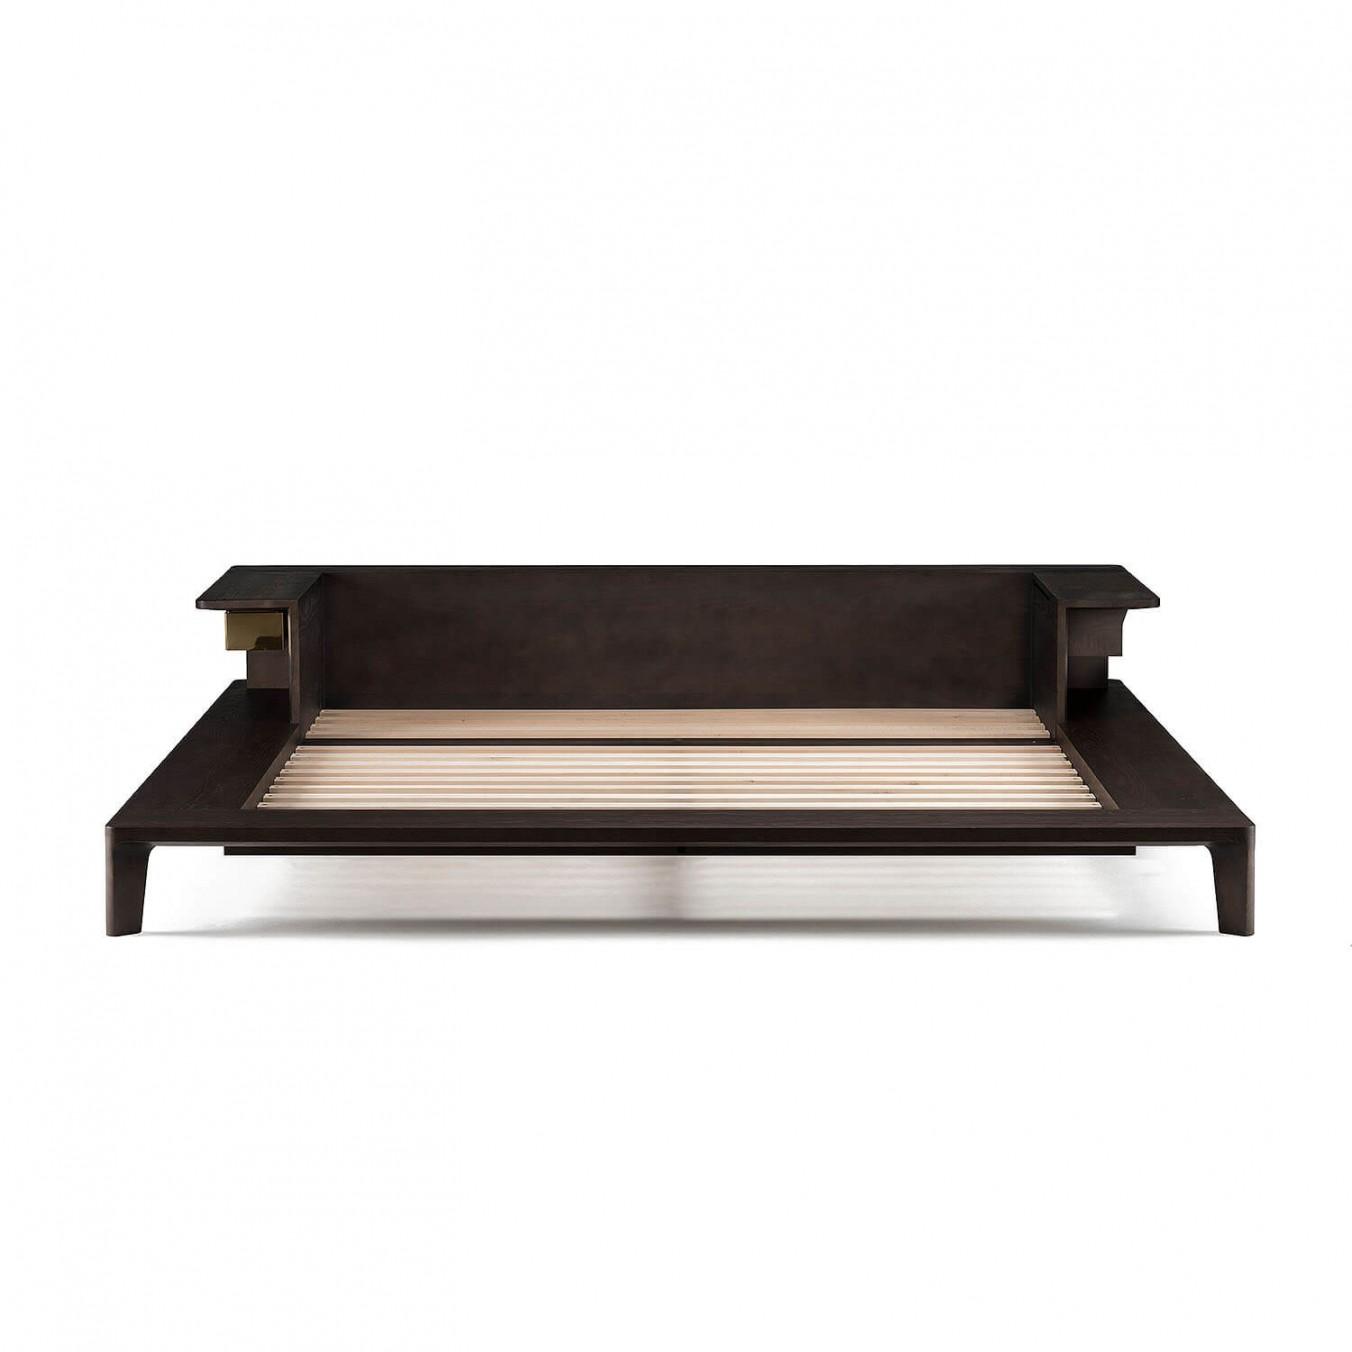 PLATFORM BED